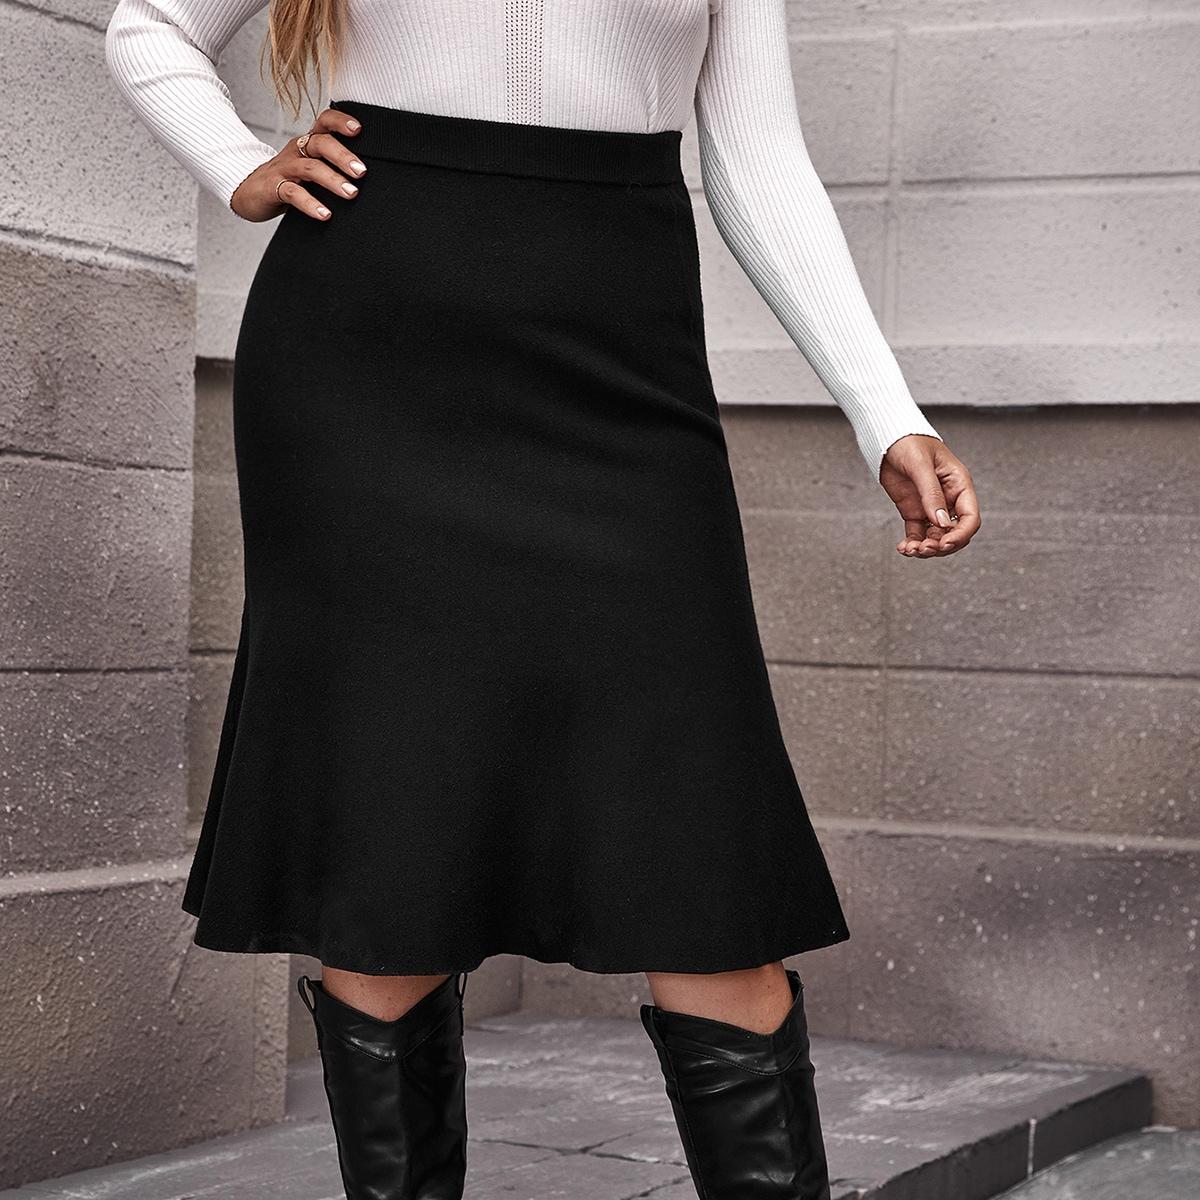 Трикотажная юбка размера плюс с эластичной талией